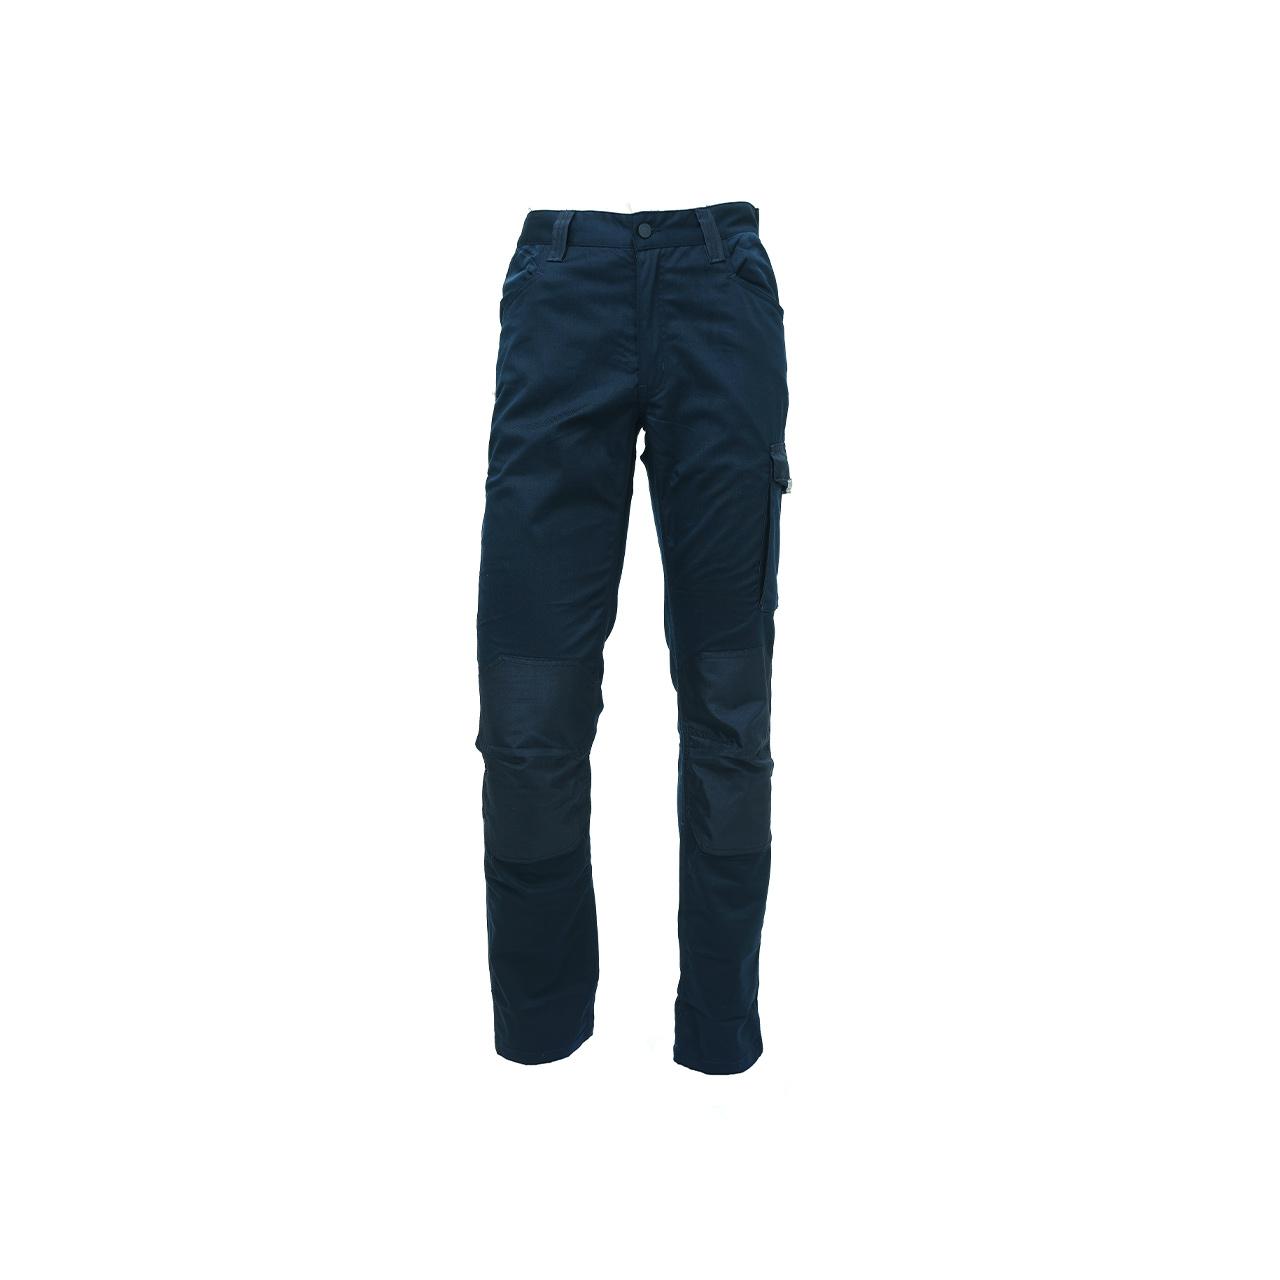 pantalone da lavoro upower modello meek colore WESTLAKE